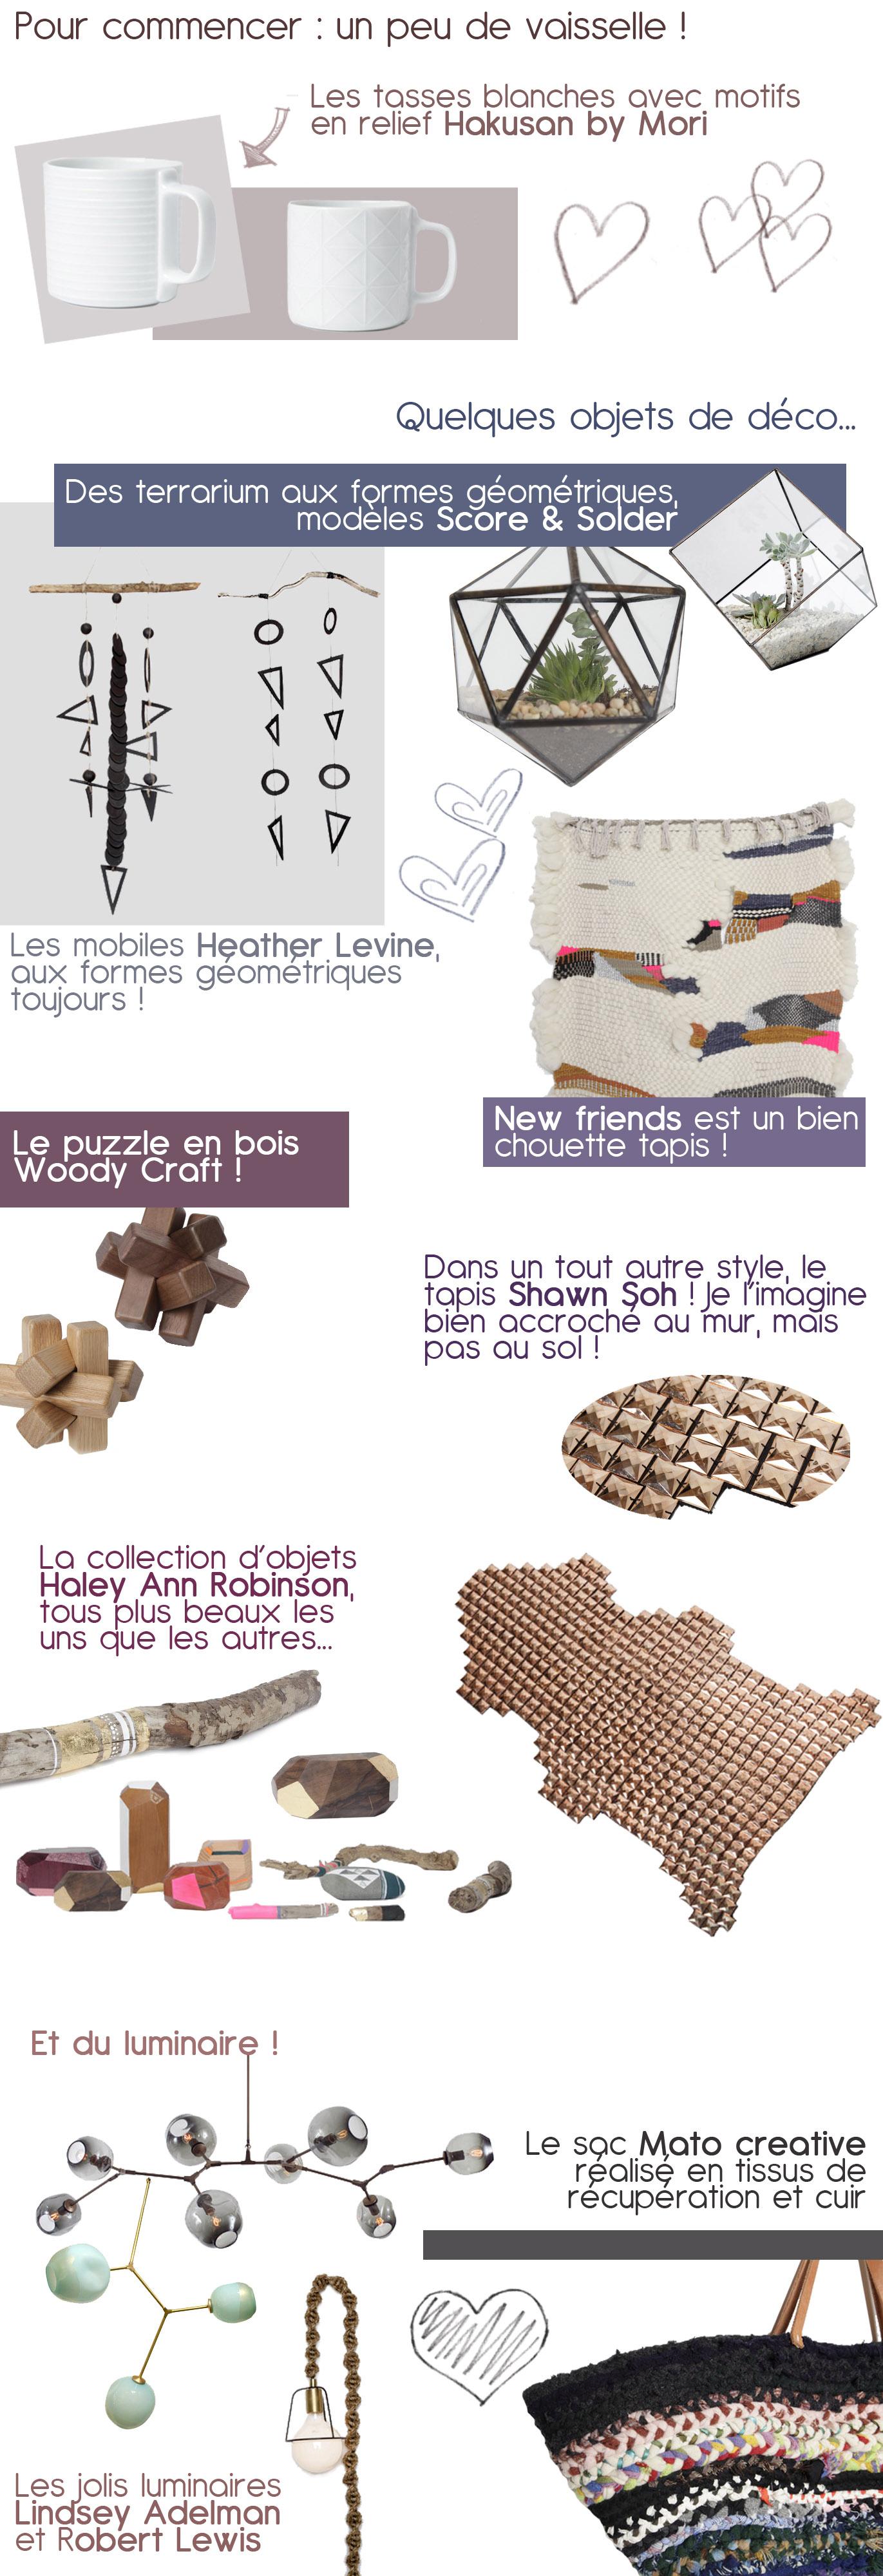 Une sélection d'objets de la marque Totokaelo